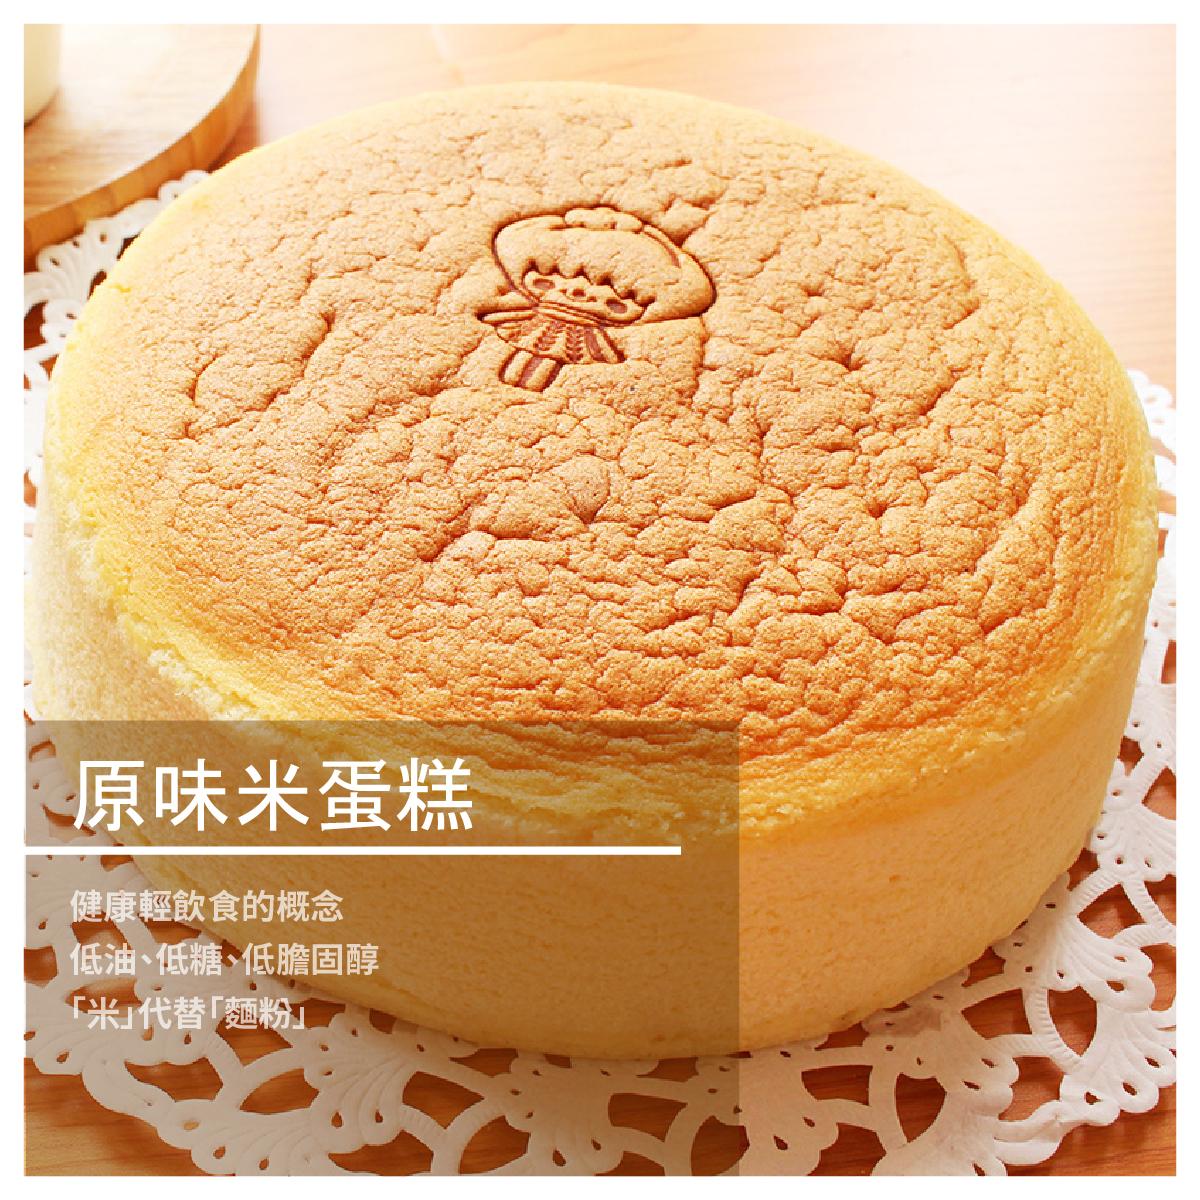 【力凡烘焙坊】無麥麩 原味米蛋糕/巧克力米蛋糕/檸檬米蛋糕  340g